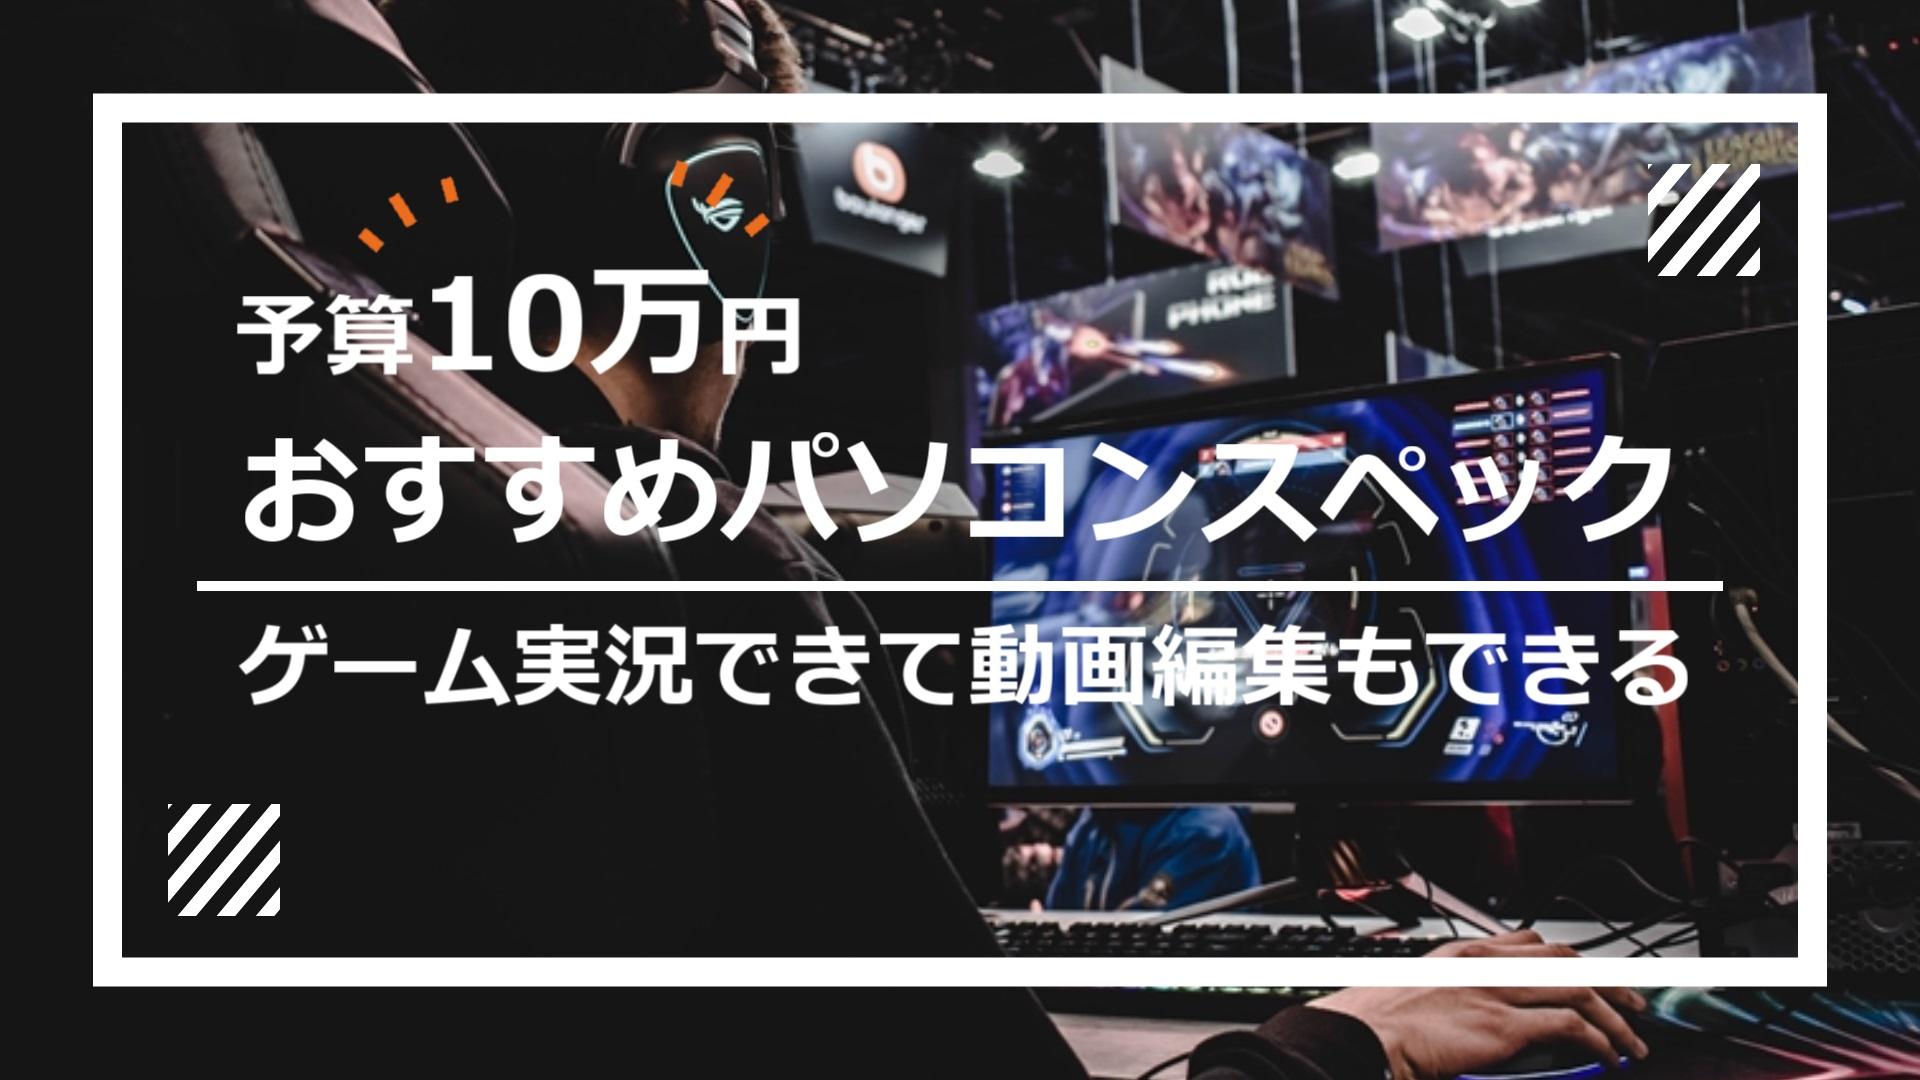 ゲーム実況できて動画編集ソフトAviUtlも使えるパソコンのスペック【予算10万円/OS込み】